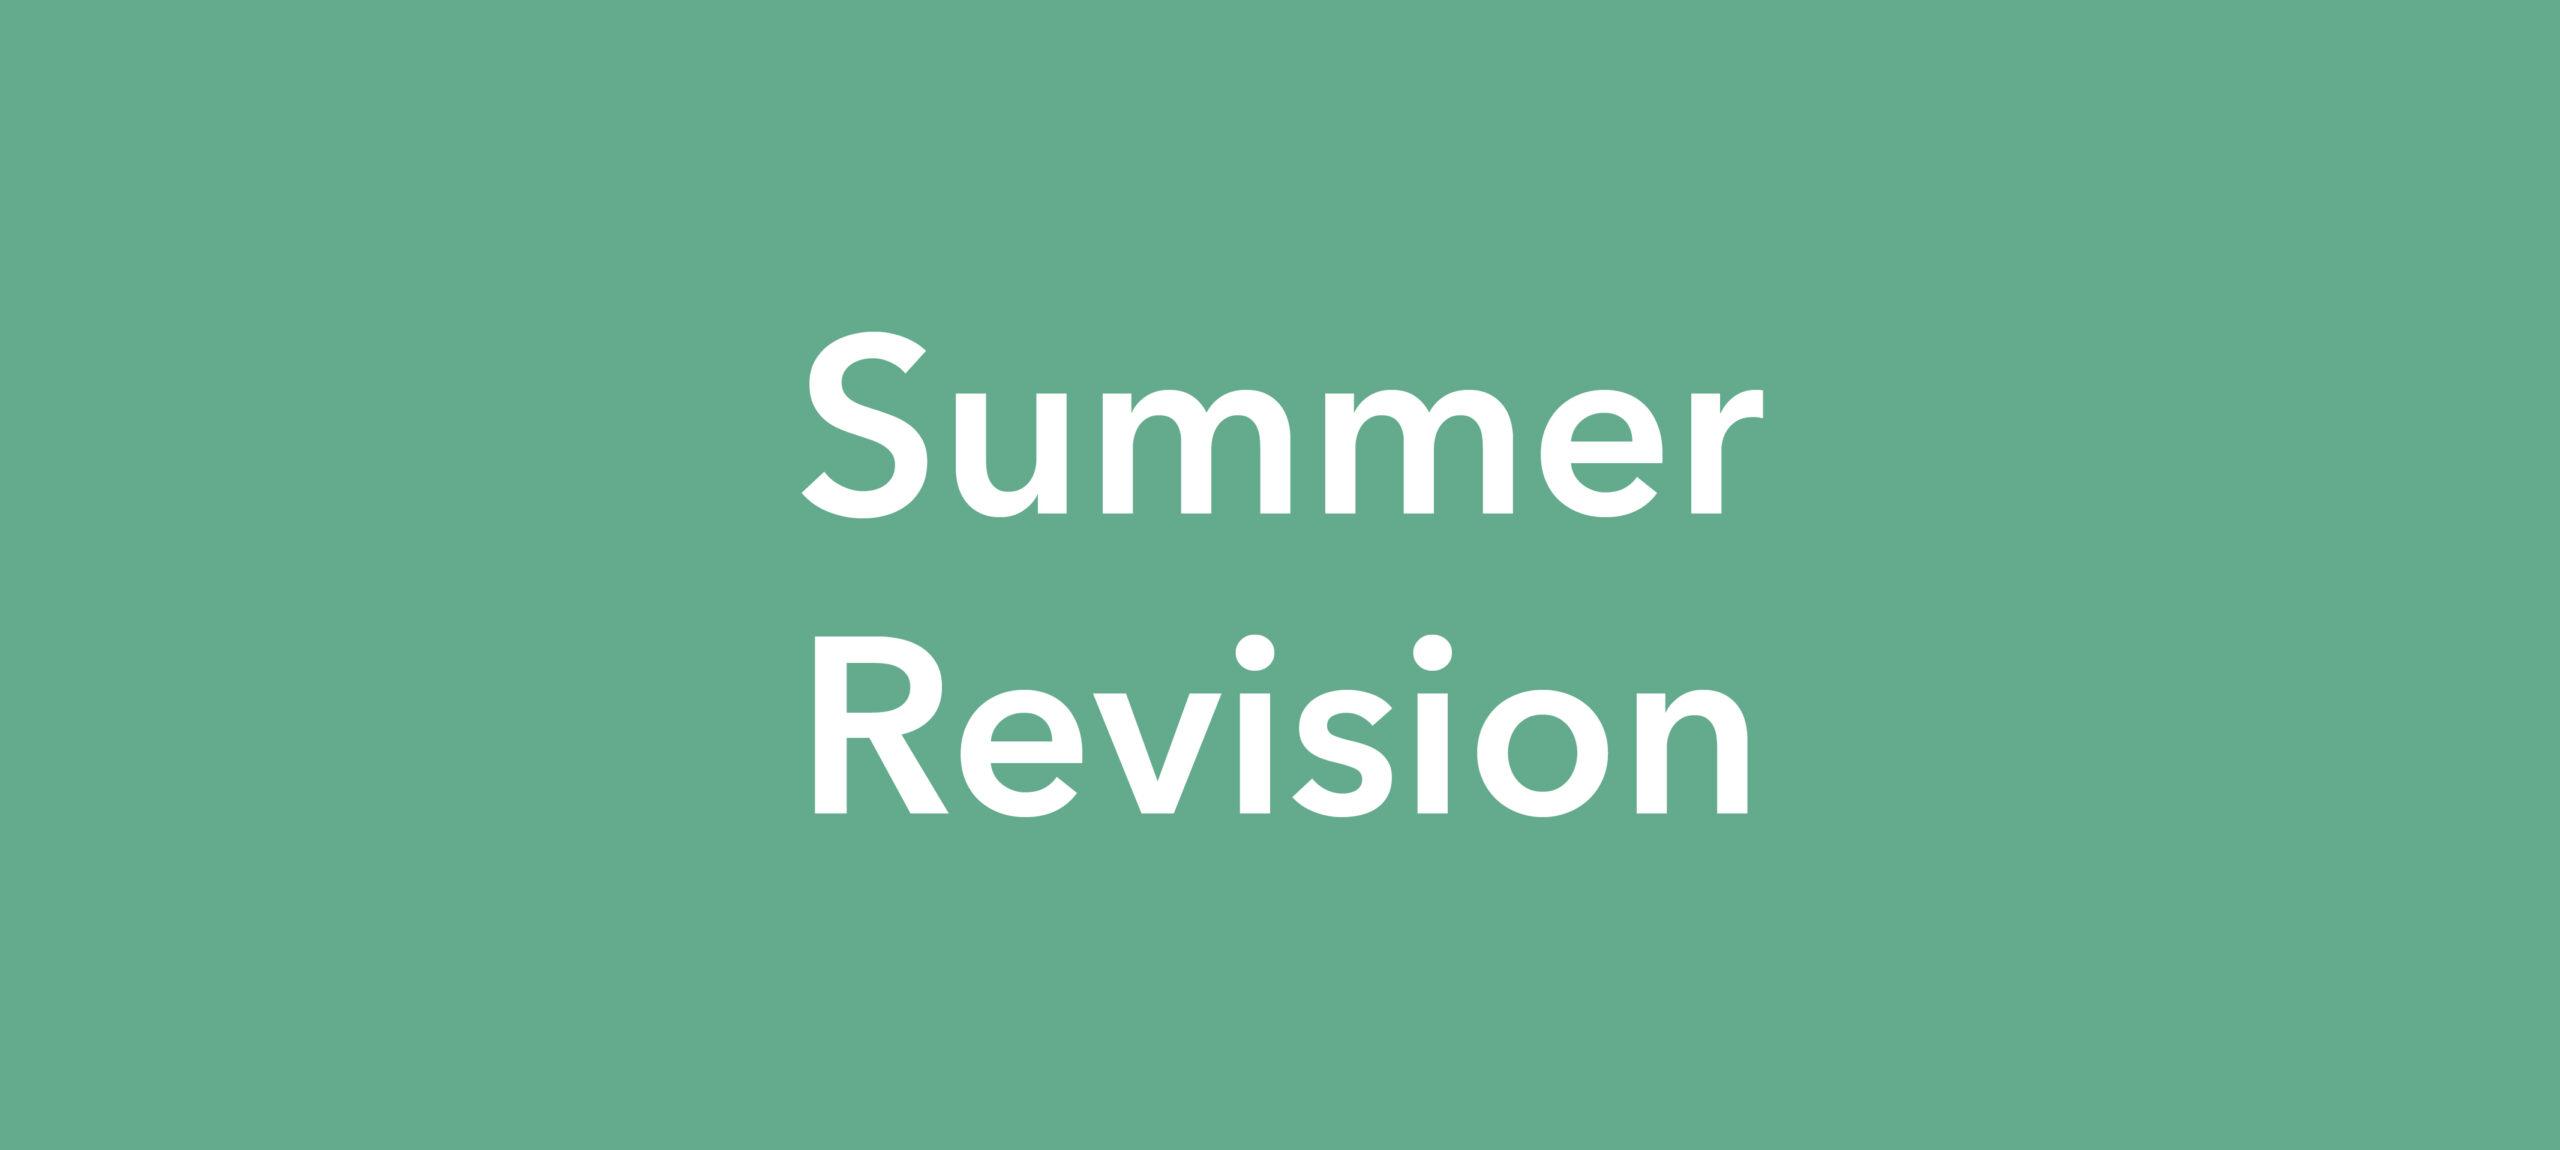 Summer Revision